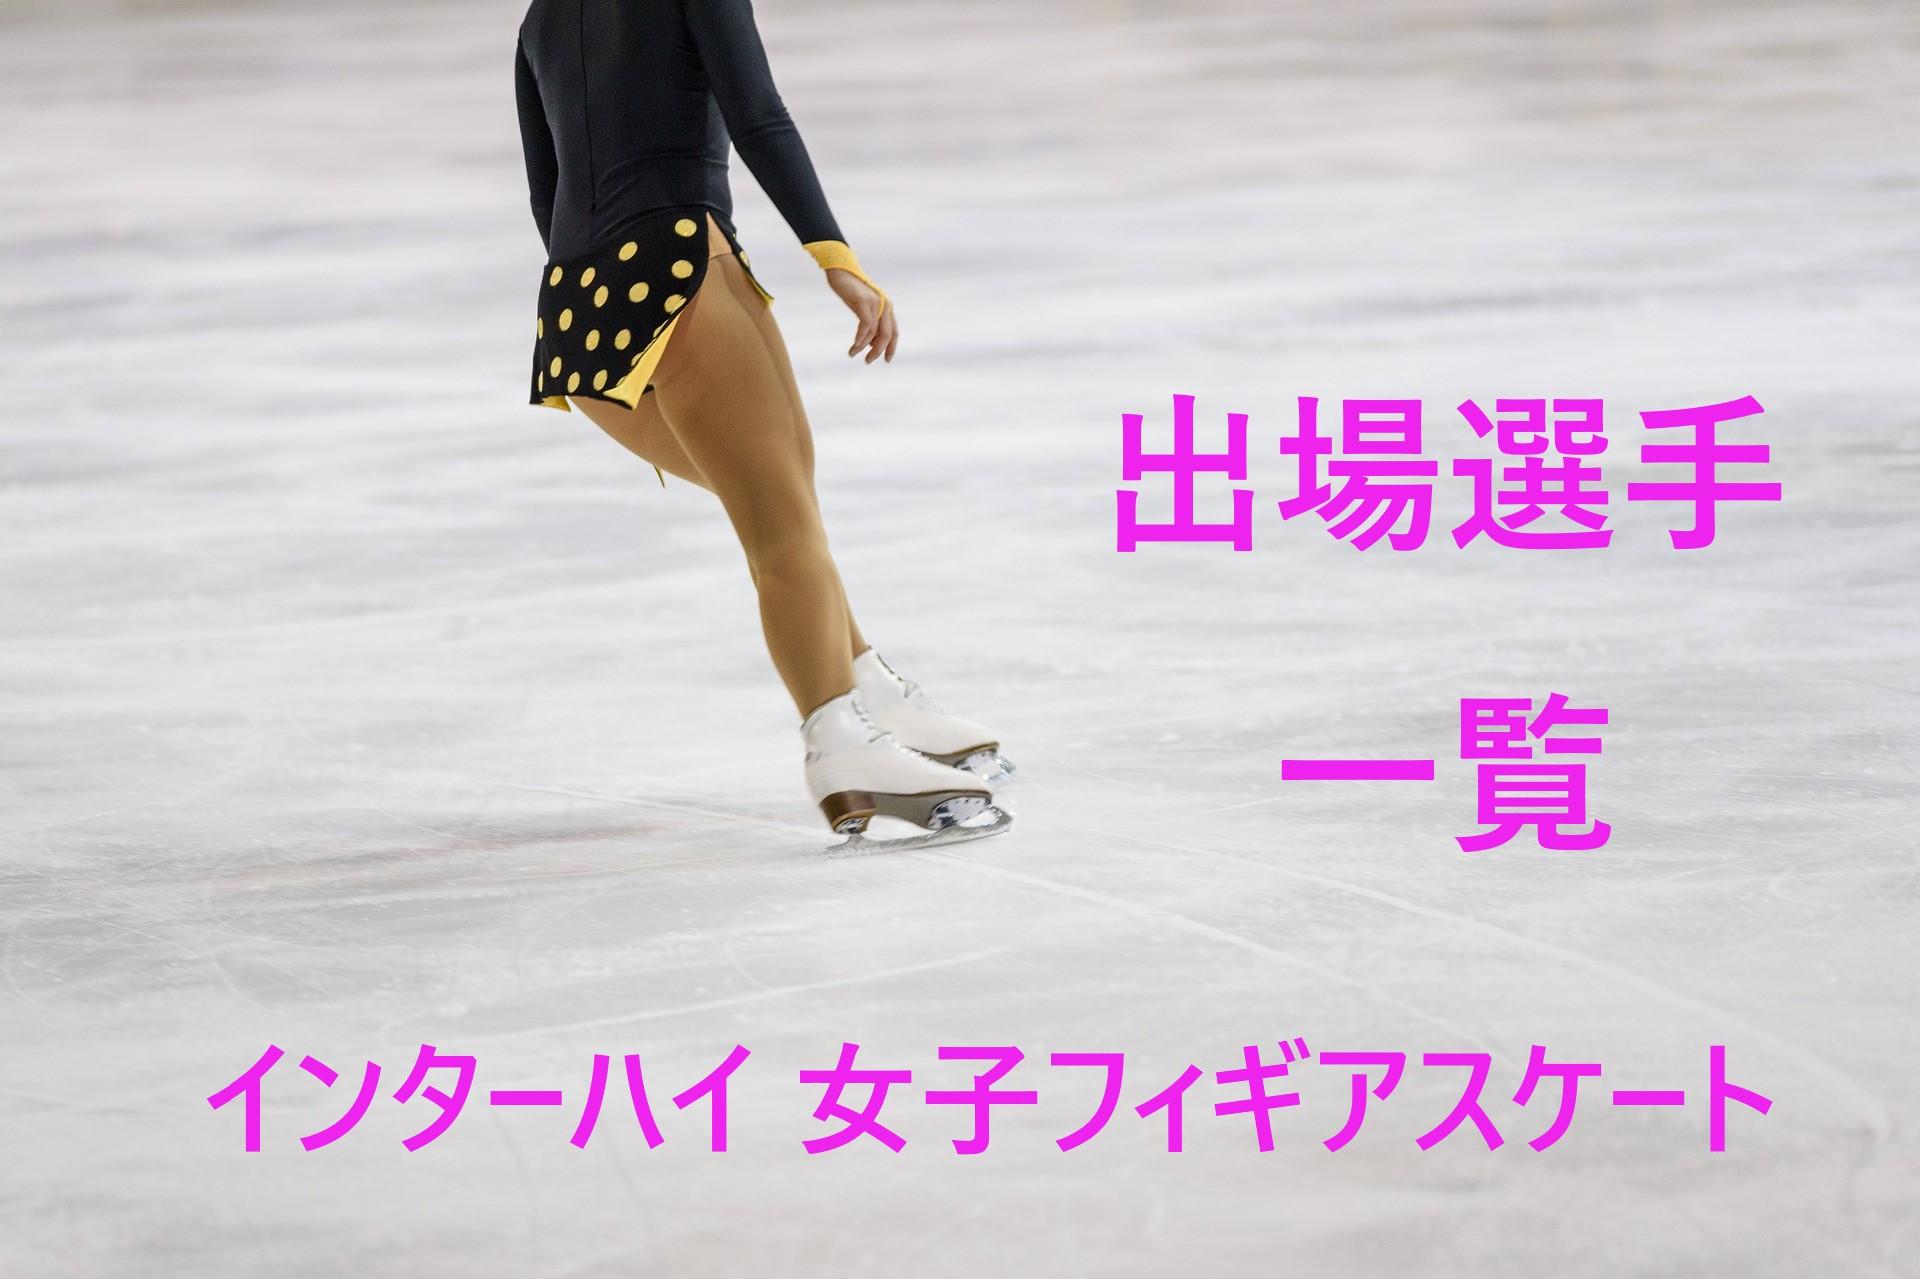 インターハイ 女子フィギアスケート